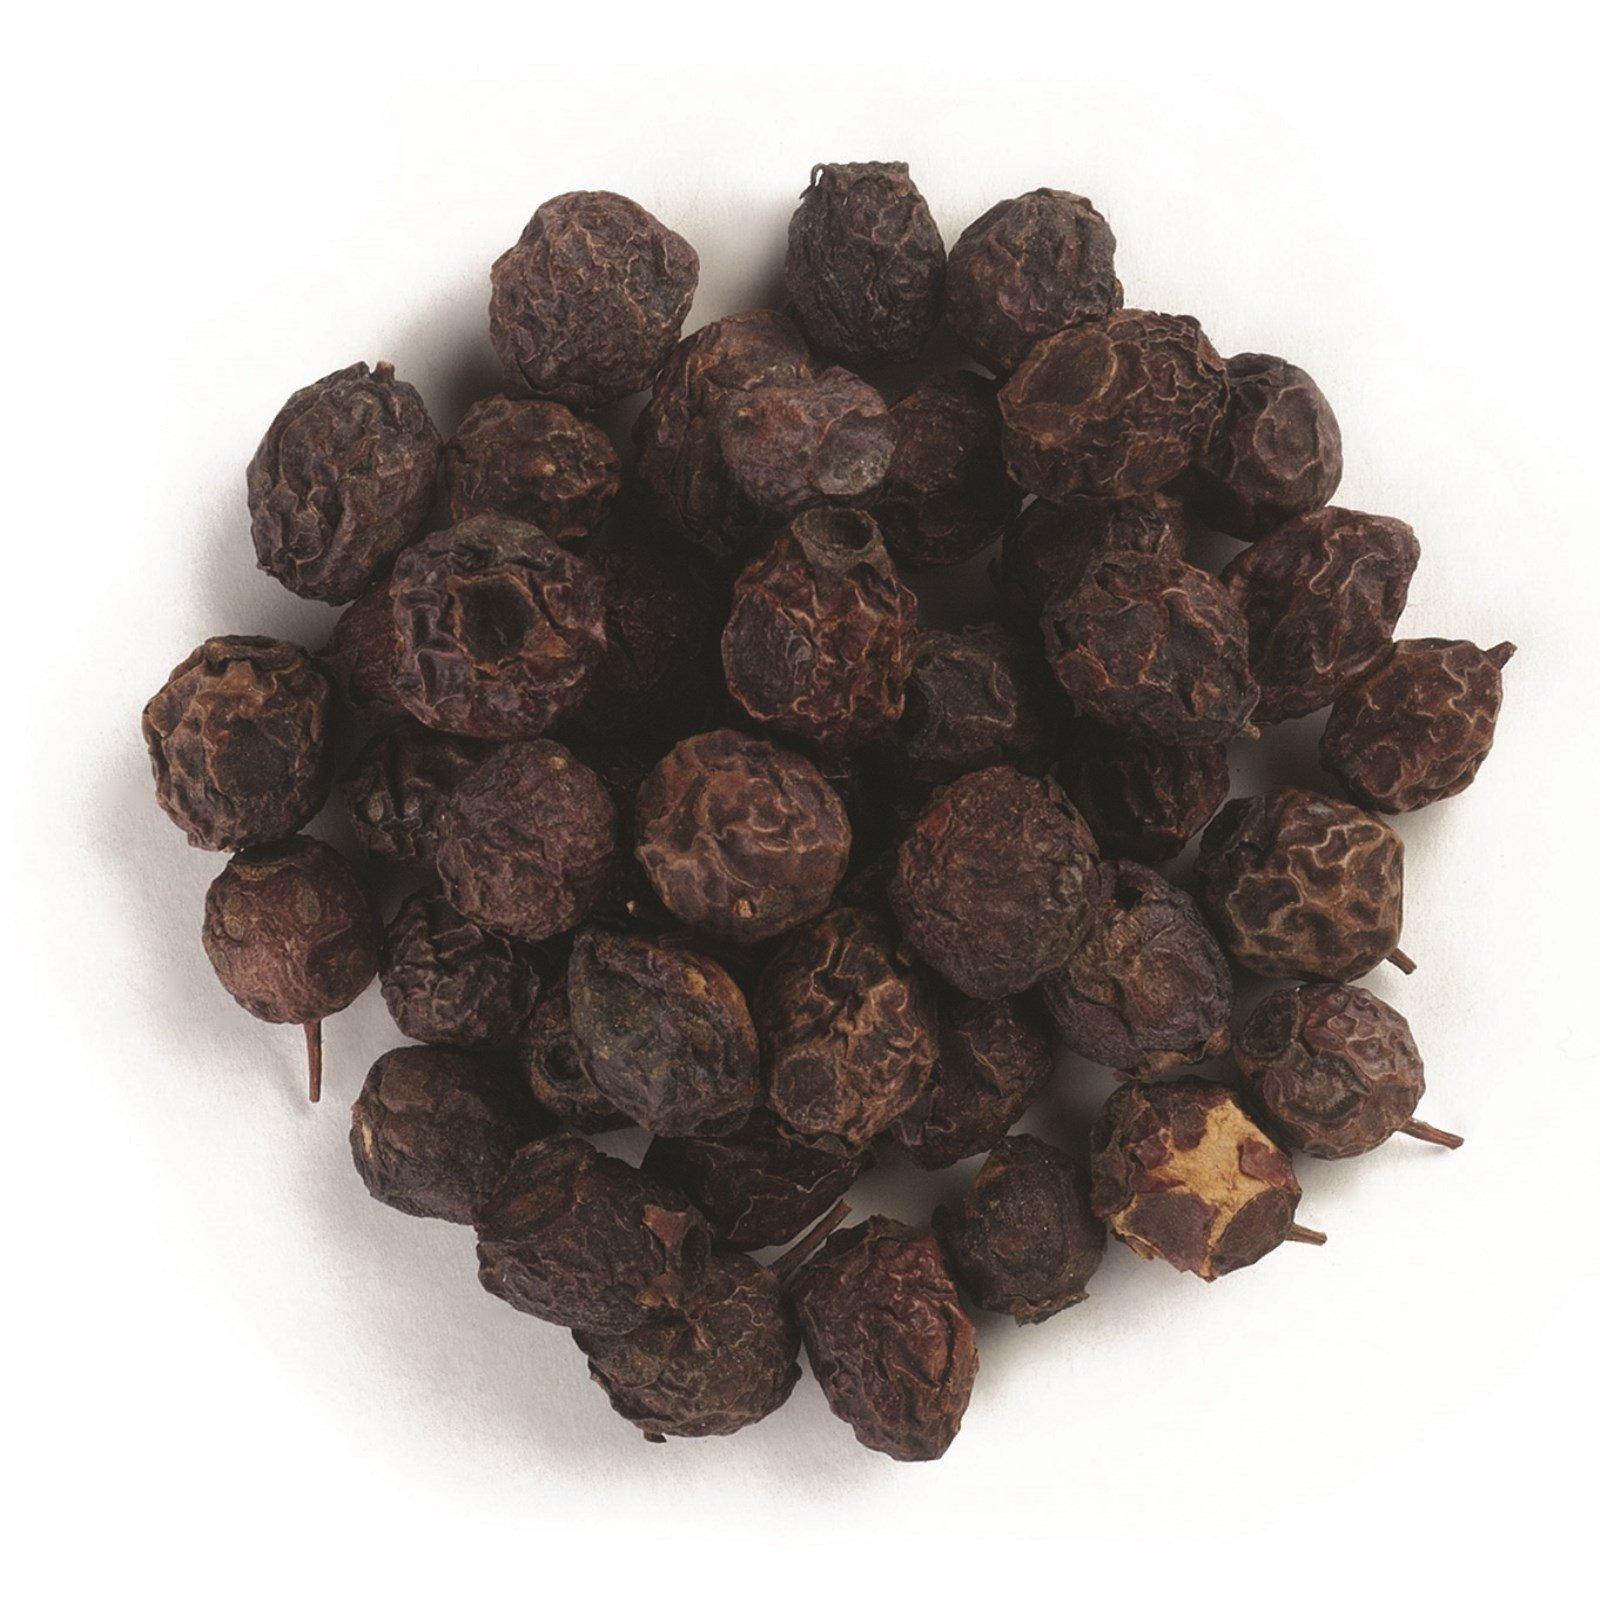 Frontier Natural Products, Органические цельные ягоды боярышника, 16 унций (453 г)